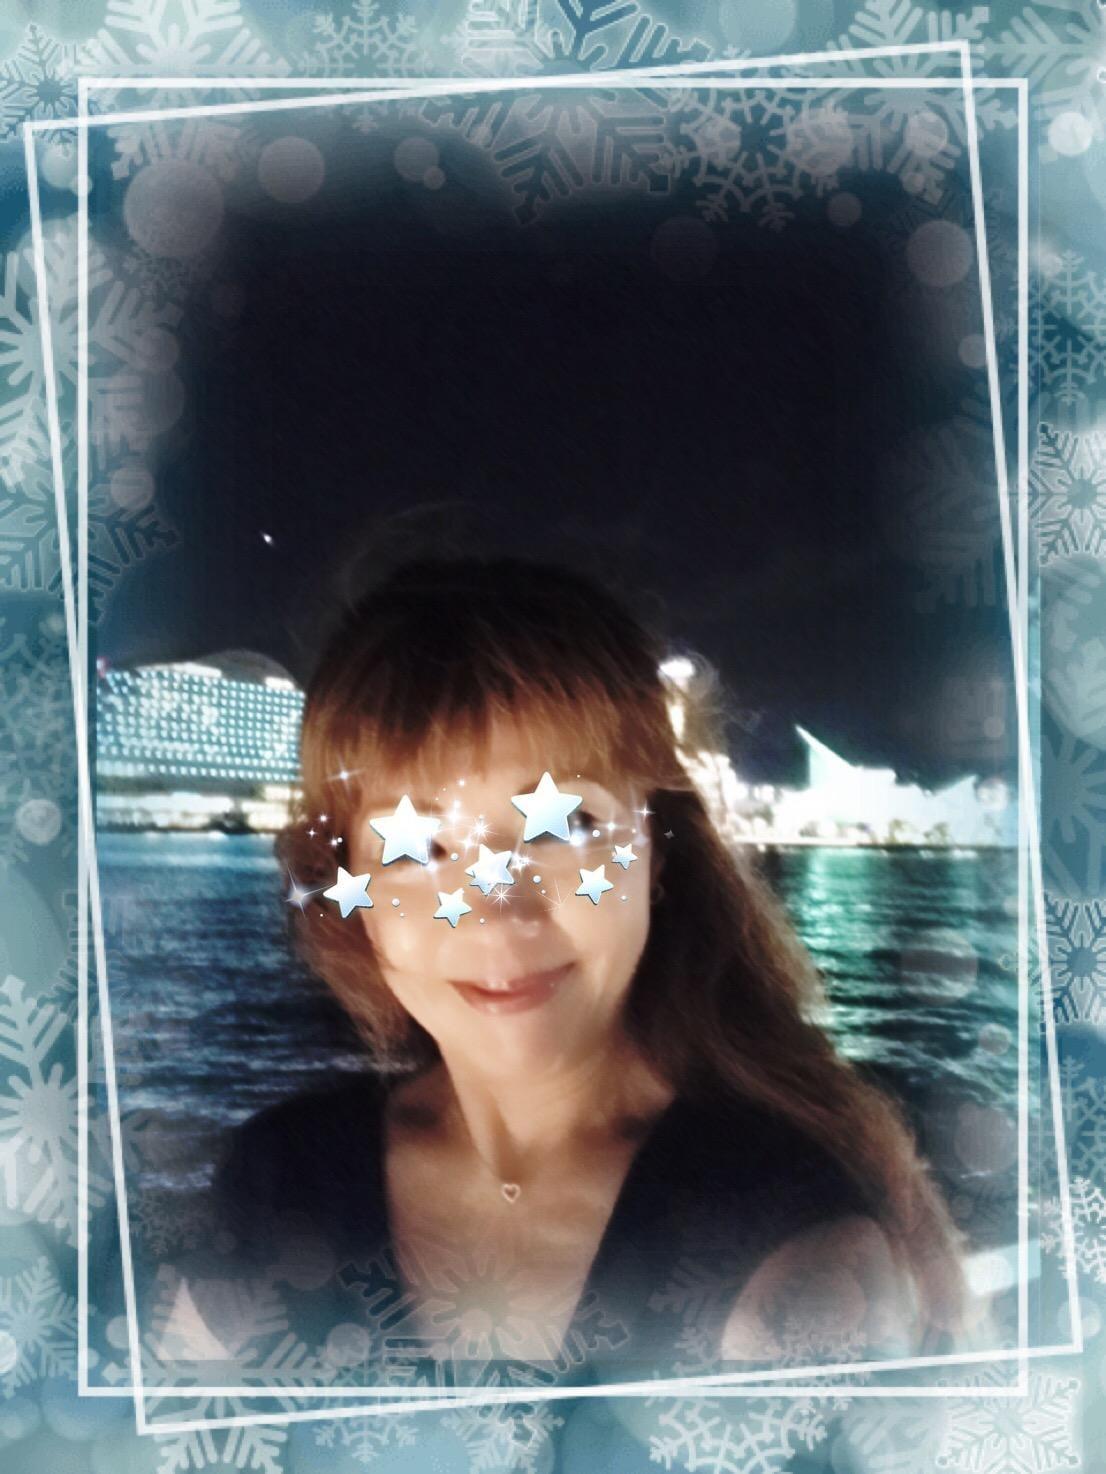 「向かいま〜す♪」07/18(水) 16:02 | あやのの写メ・風俗動画